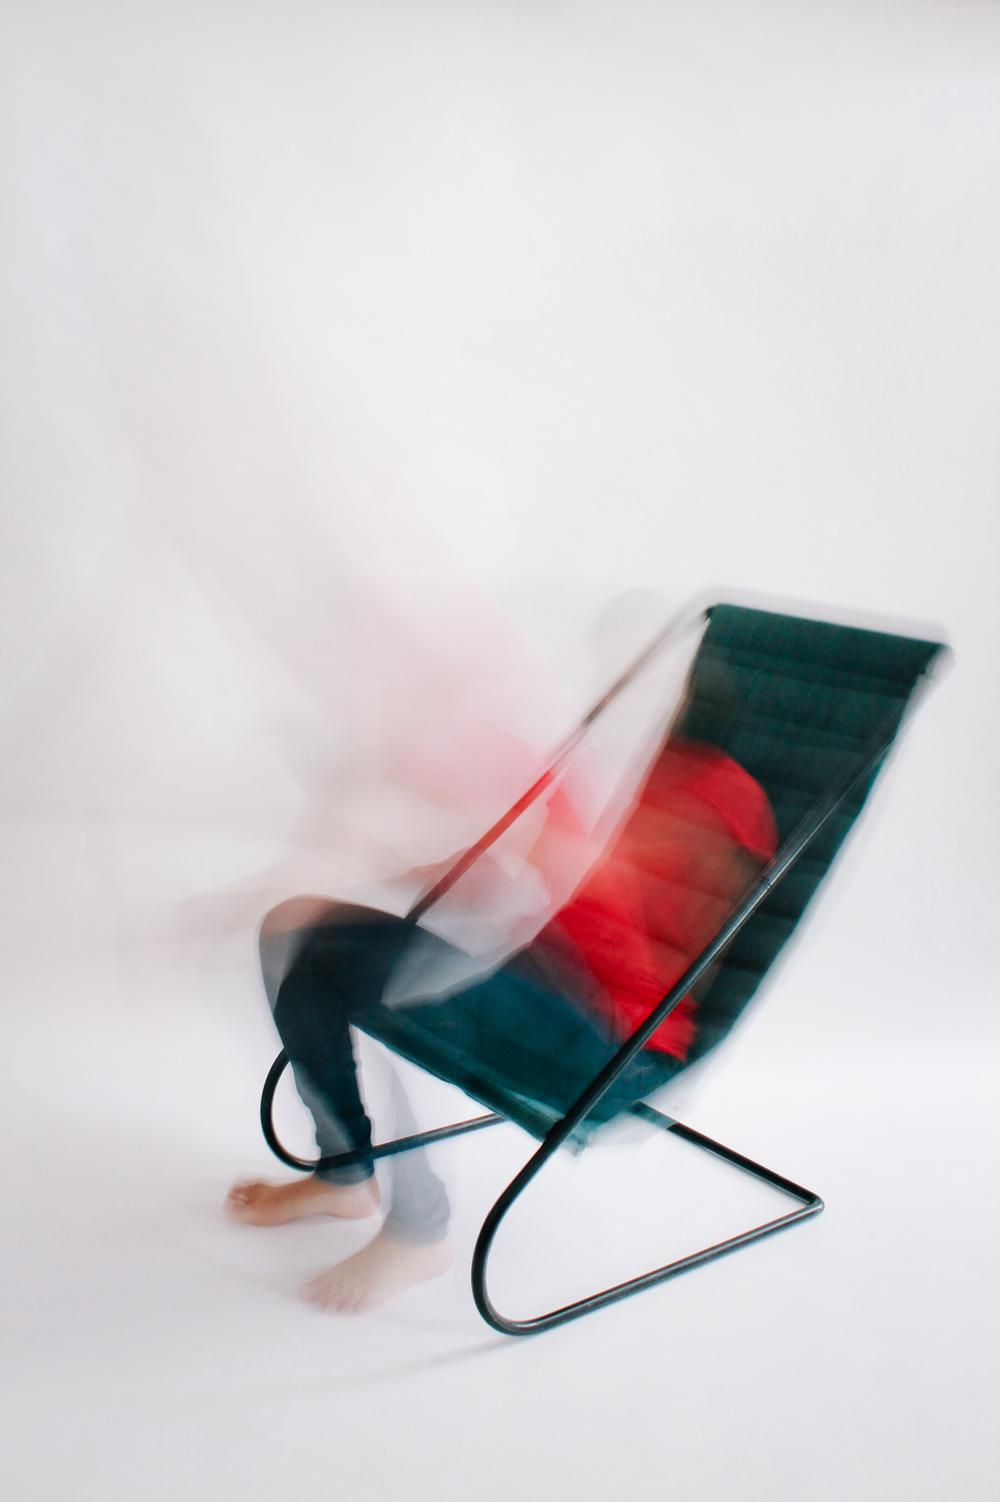 Silla Grasshopper | María Camarena